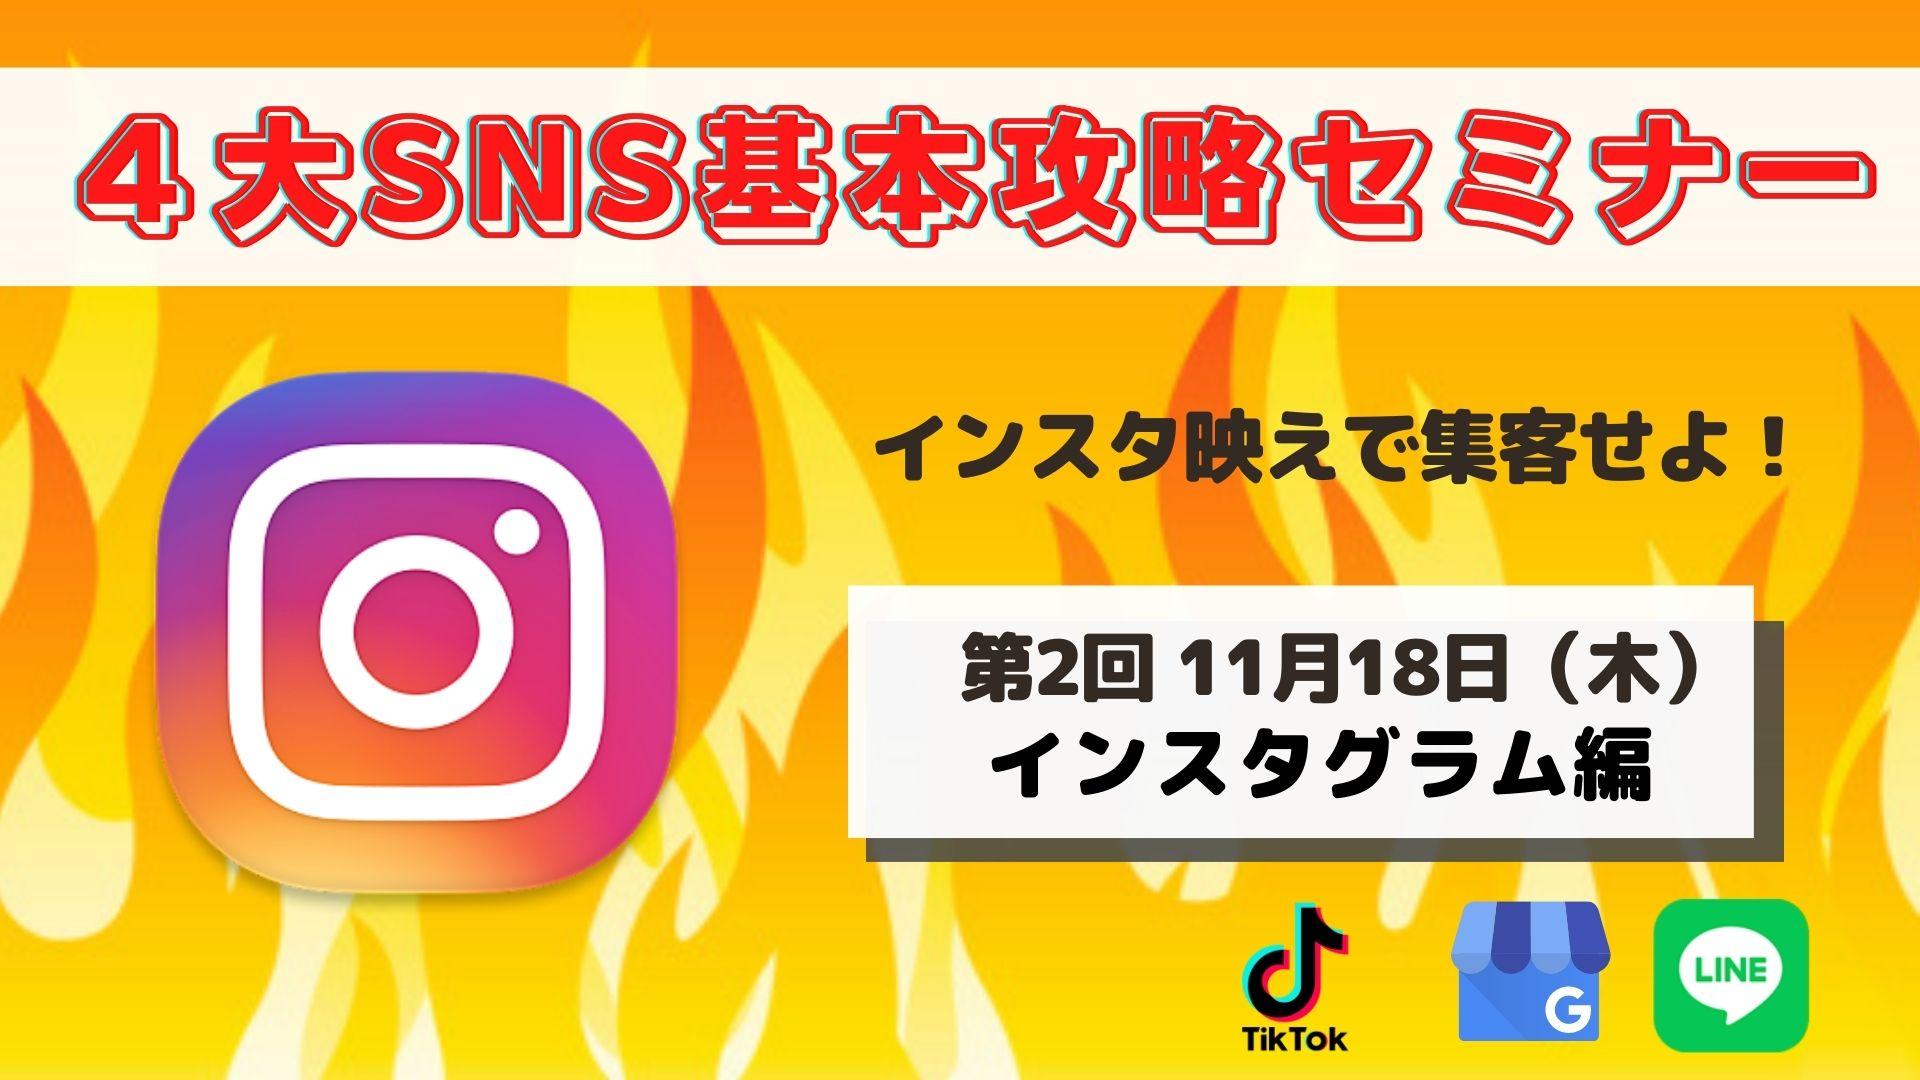 11/18 4大SNS基本攻略セミナー【インスタグラム編】